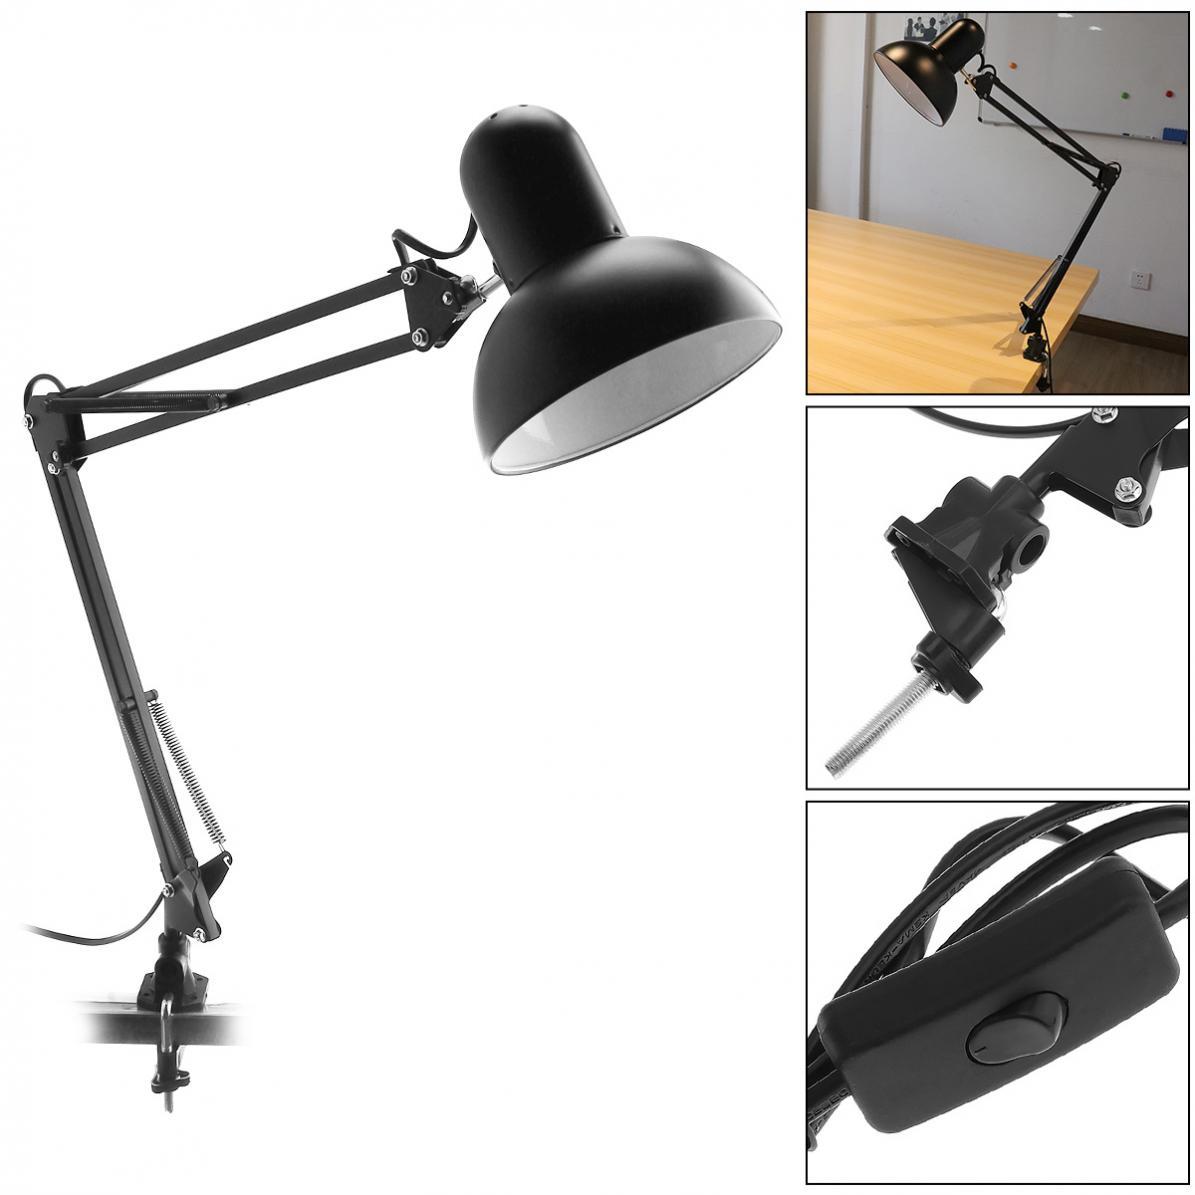 Lampen & Schirme Schreibtischlampen Flexible Schreibtisch Augenschutz Lampe Mit Drehbare Lampe Kopf Und Clamp Montieren Unterstützung 360 Grad Rotation Für Büro/home Neueste Technik